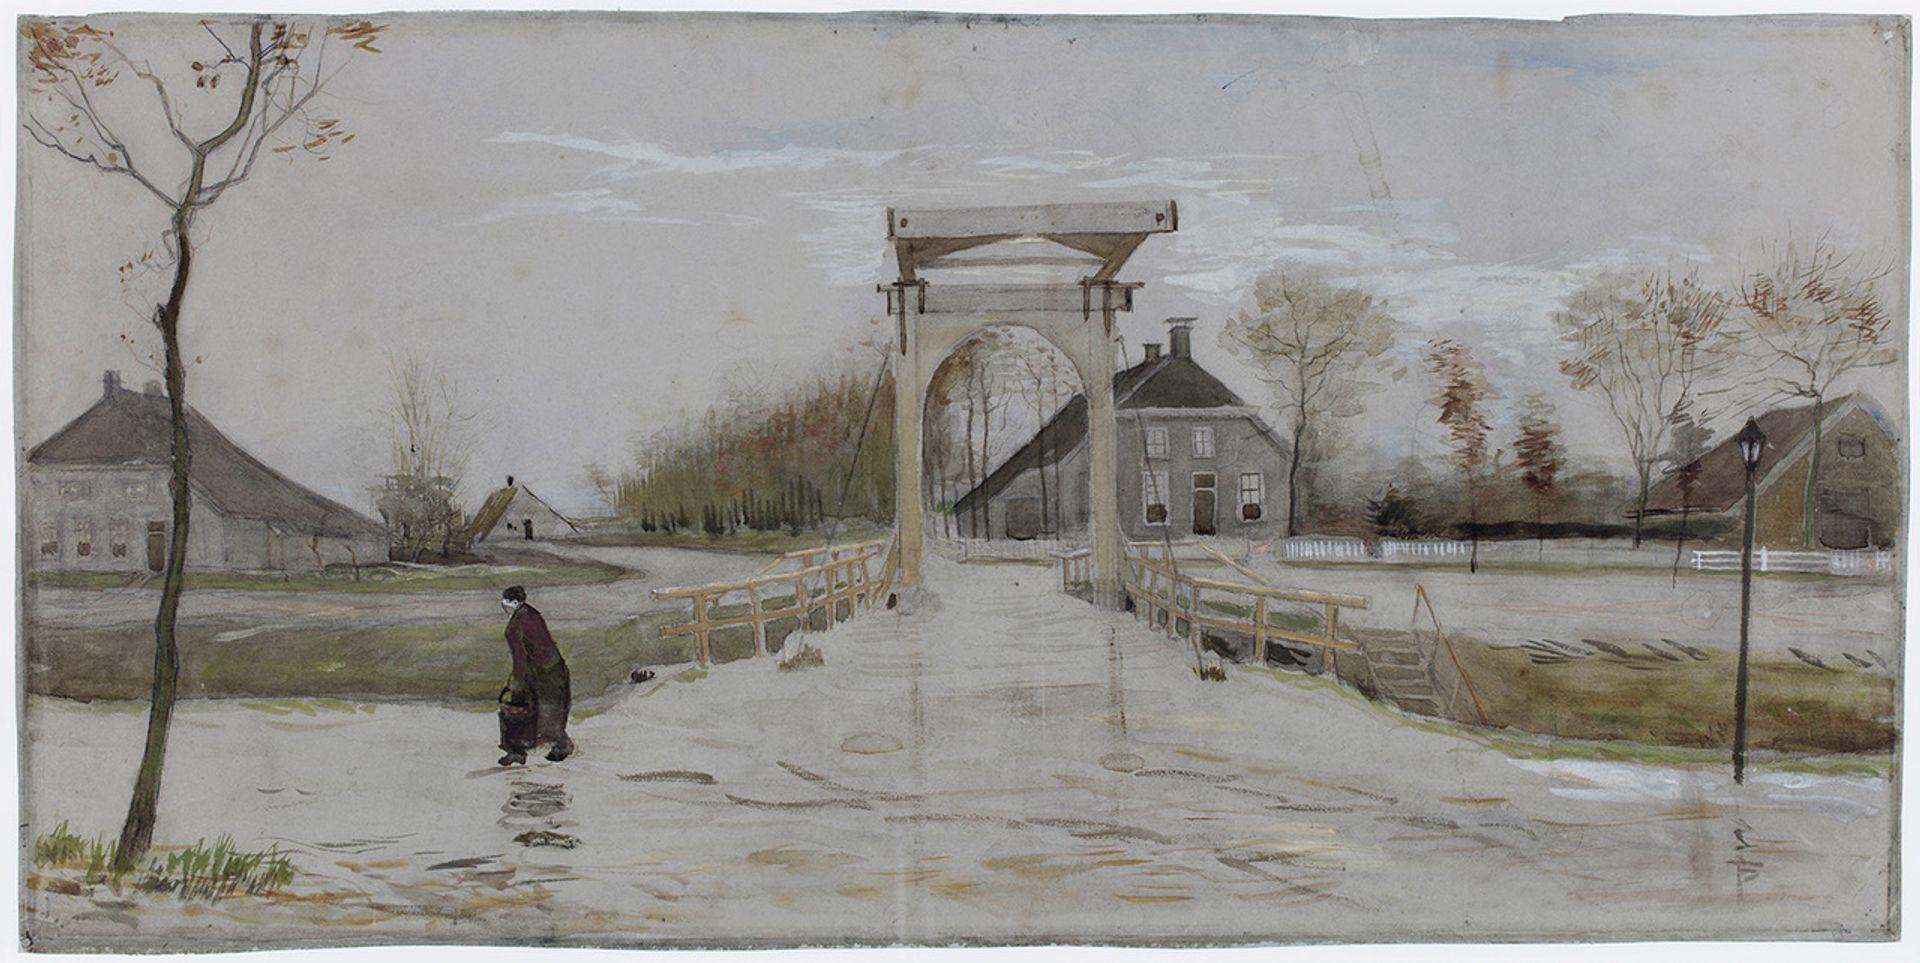 Van Gogh's Drawbridge in Nieuw-Amsterdam (October 1883) Courtesy of the Groninger Museum, Groningen